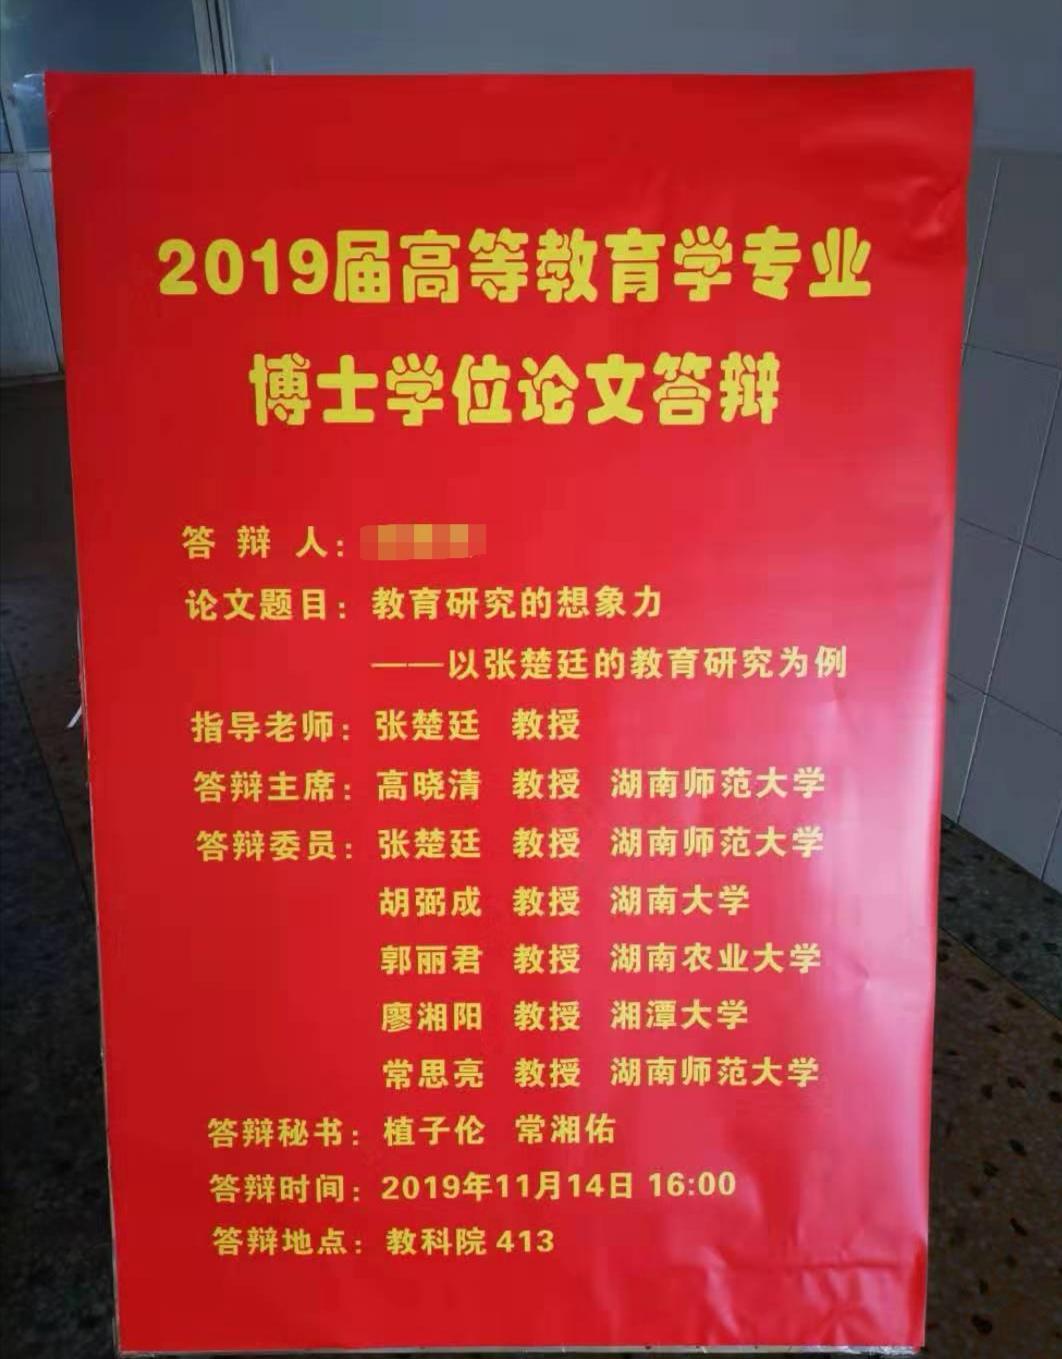 """湖南师范博导指导学生""""研究自己"""",学者称有失学术规范图片"""